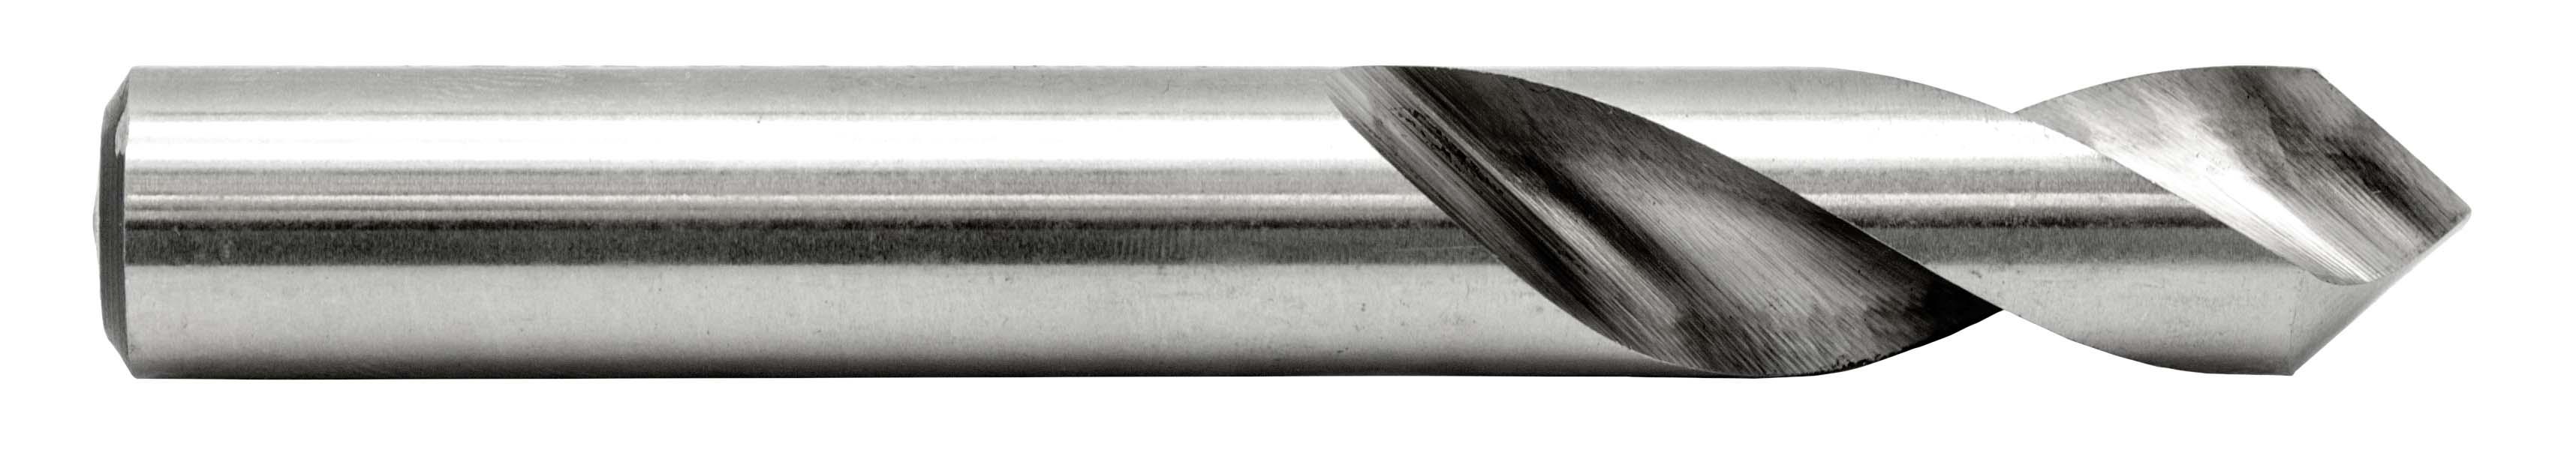 1//4 HSS NC//CNC Spotting Drills Michigan Drill Series 310